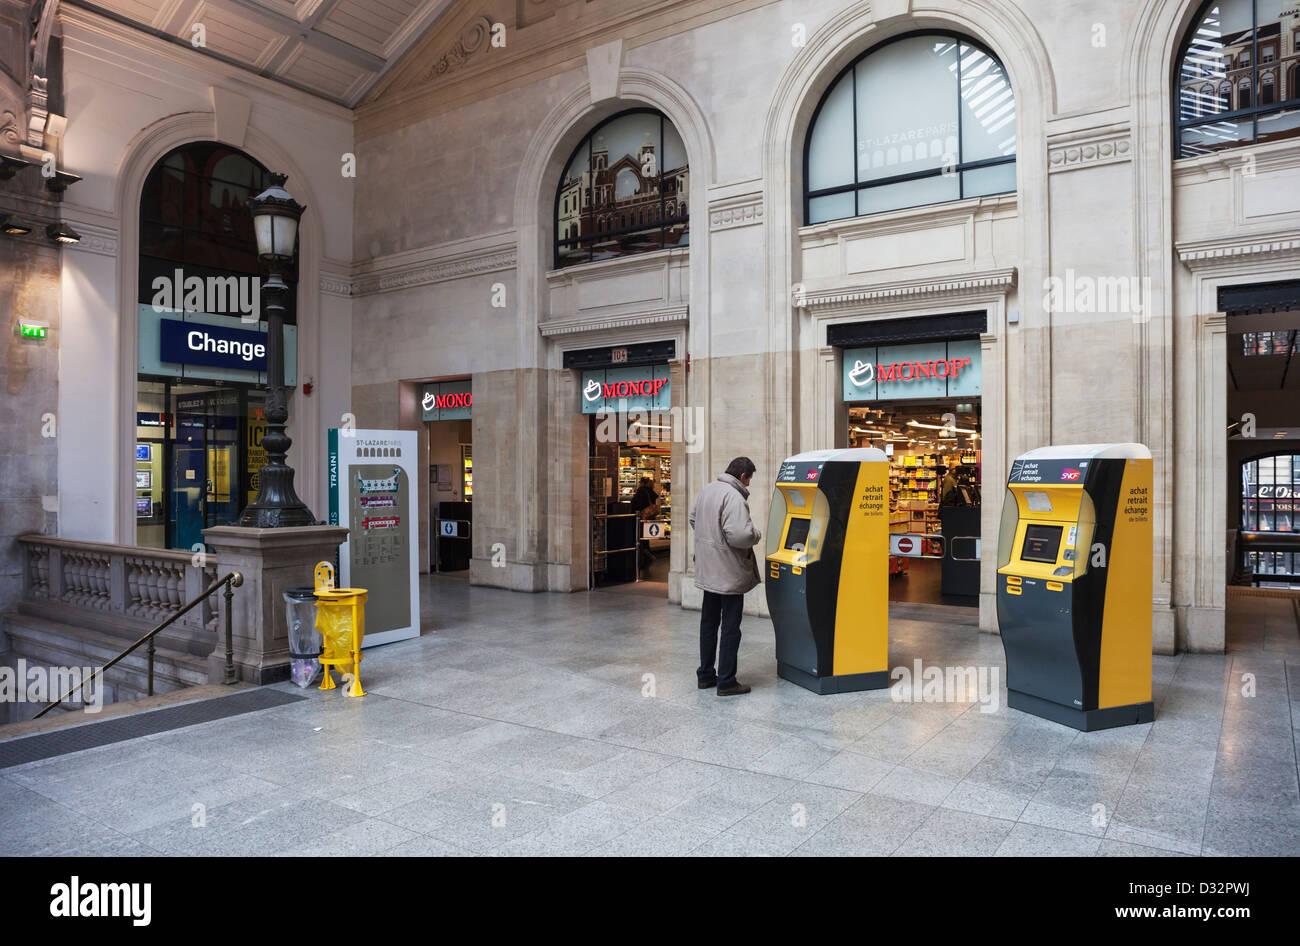 gare st lazare railway station in paris with ticket machines monop convenience store and bureau de change paris france